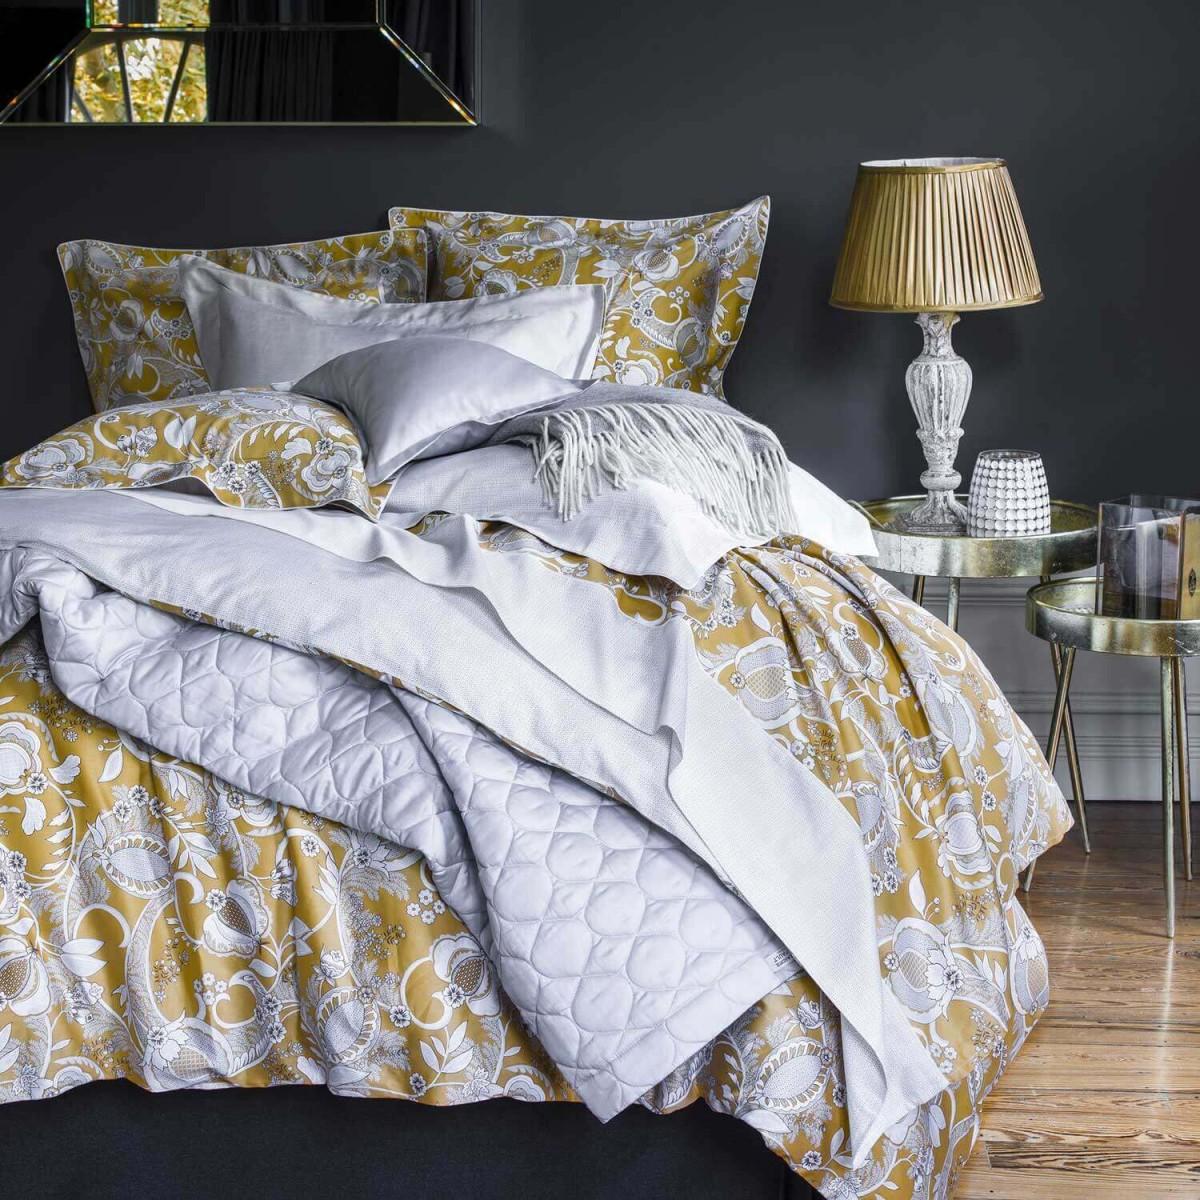 alexandre-turpault-parure-de-lit-jaune-haut-de-gamme-satin-coton-mogador-ambiance